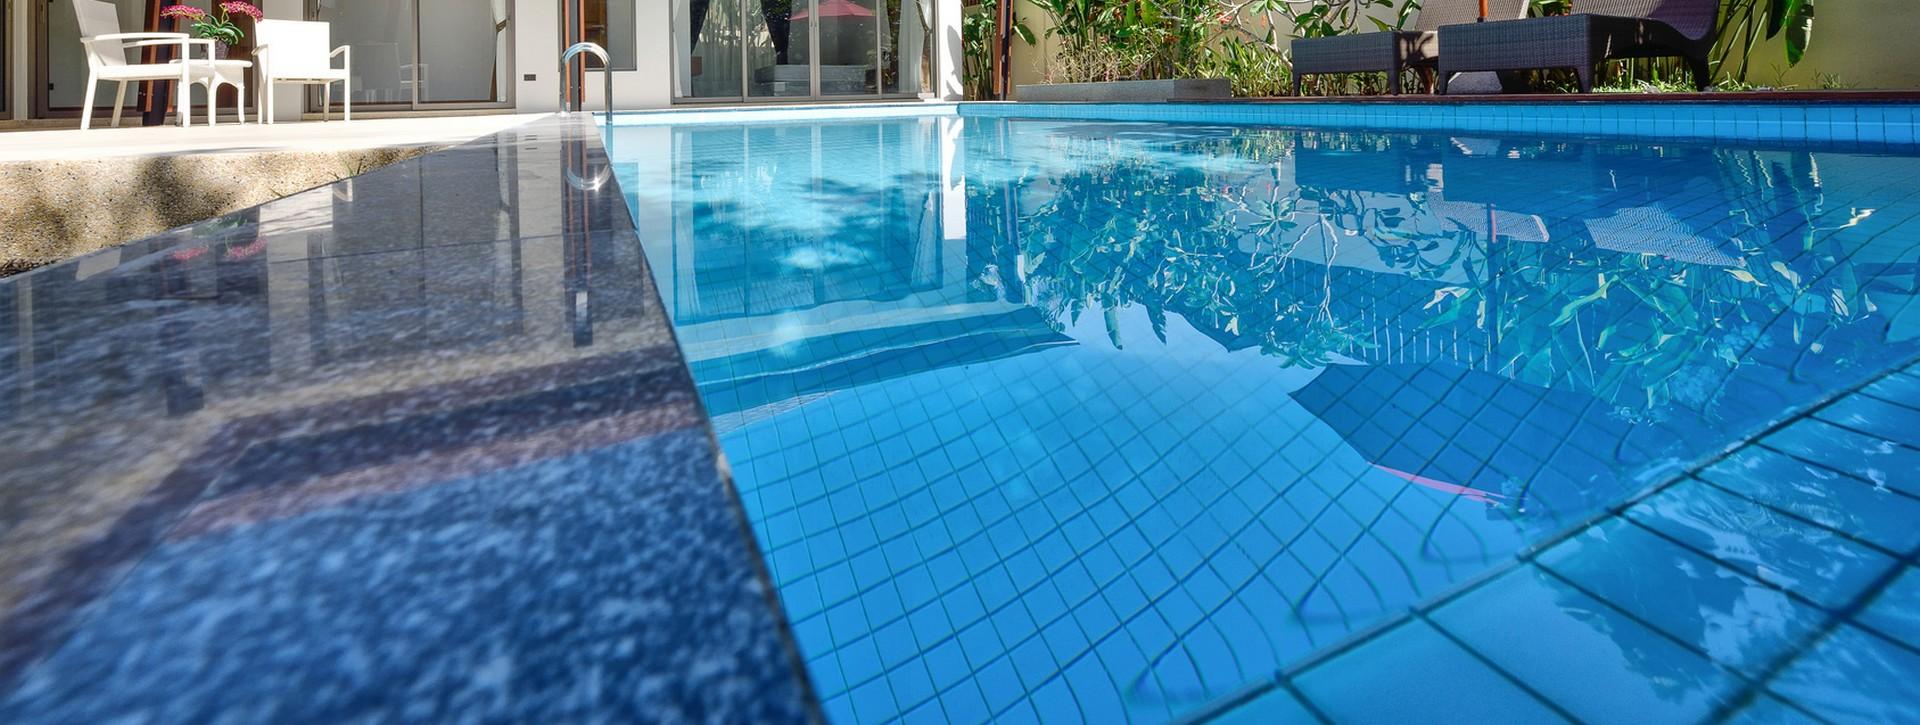 3e piscines votre service latresne for Fourniture pour piscine